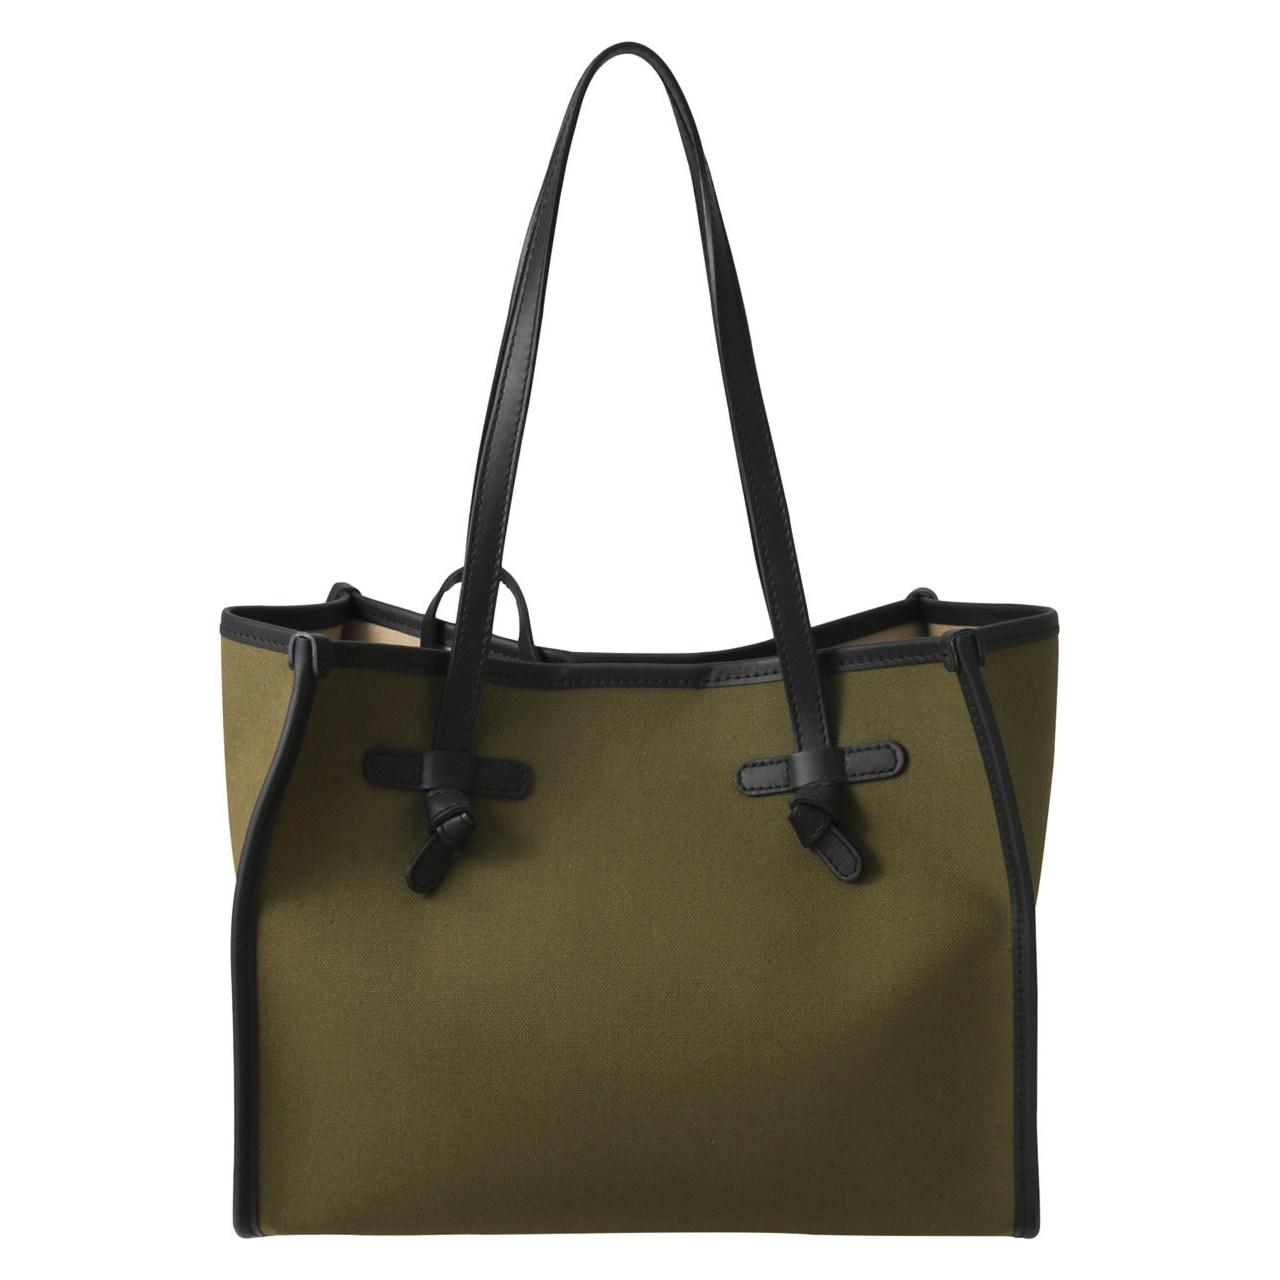 【お仕事バッグ】春の大人顔トートバッグ、実用性で選ぶとこうなる!